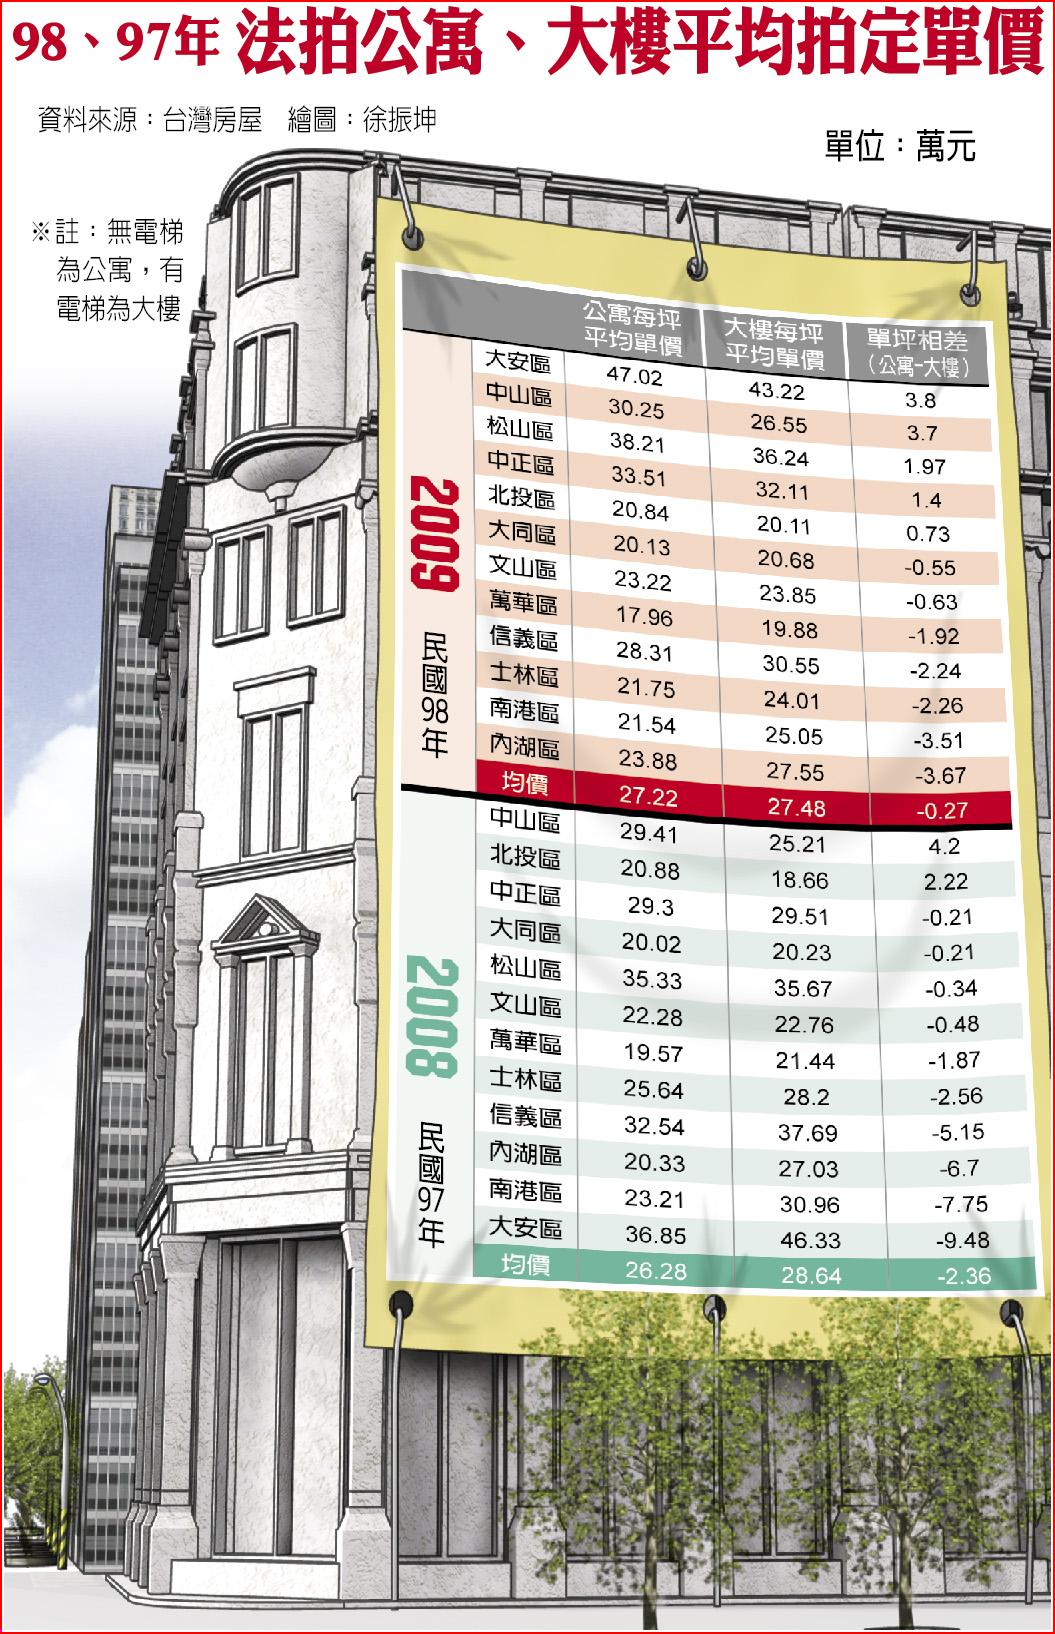 98、97年 法拍公寓、大樓平均拍定單價